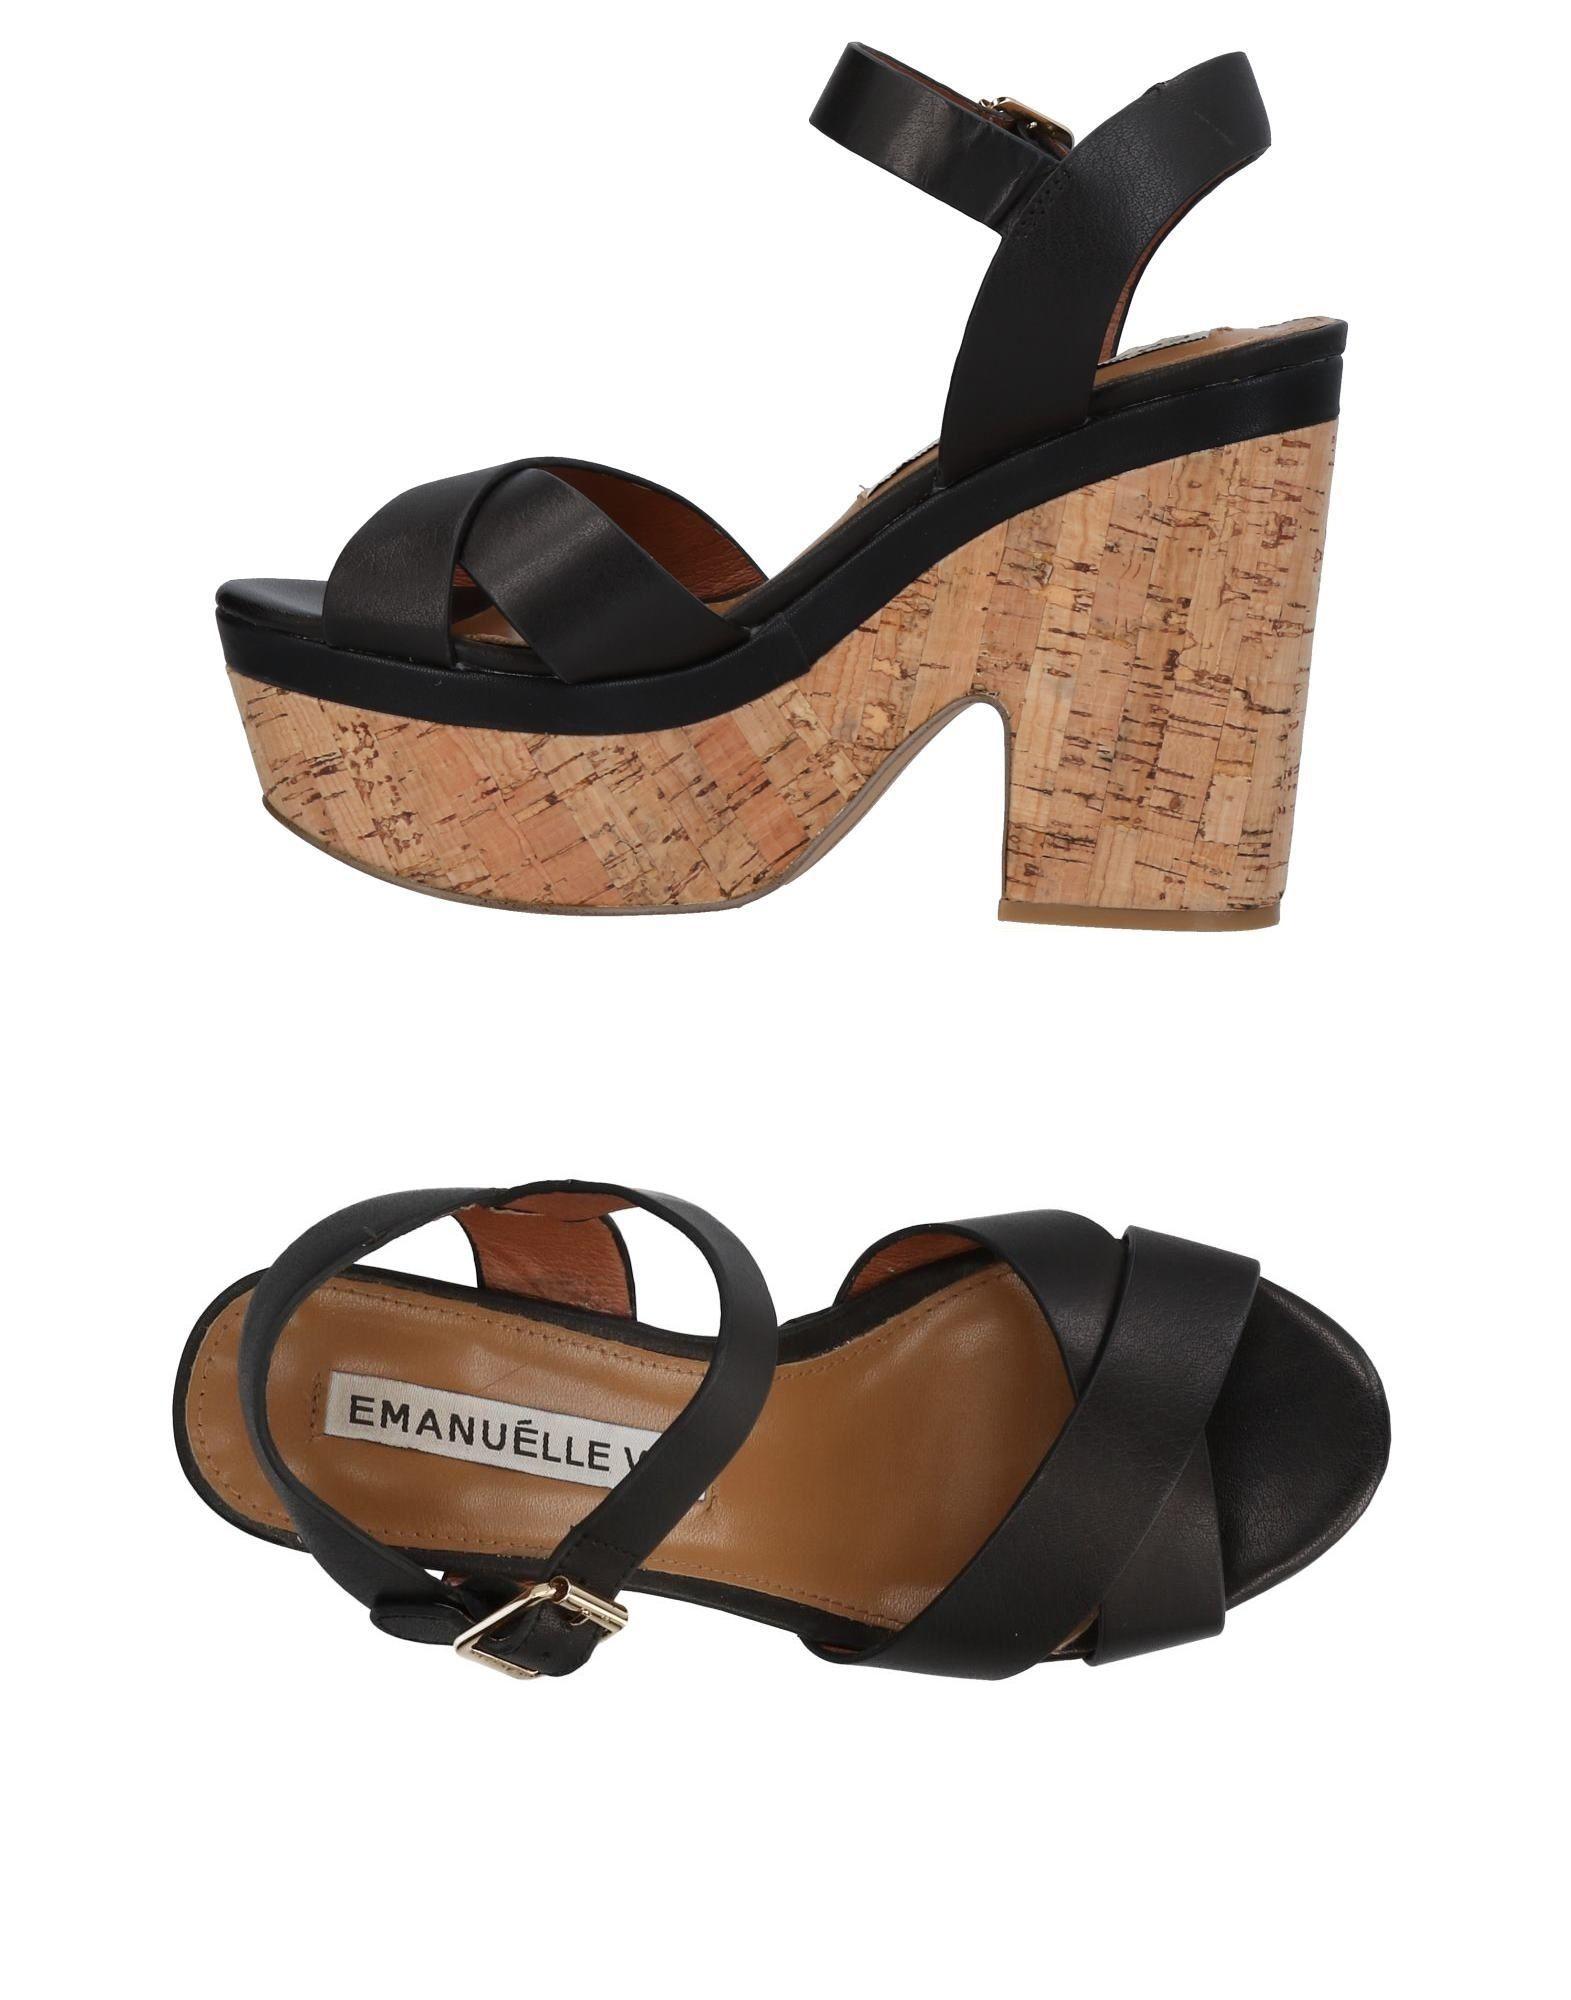 Emanuélle on Vee Sandals - Women Emanuélle Vee Sandals online on Emanuélle  Canada - 11443989IH 4e3593